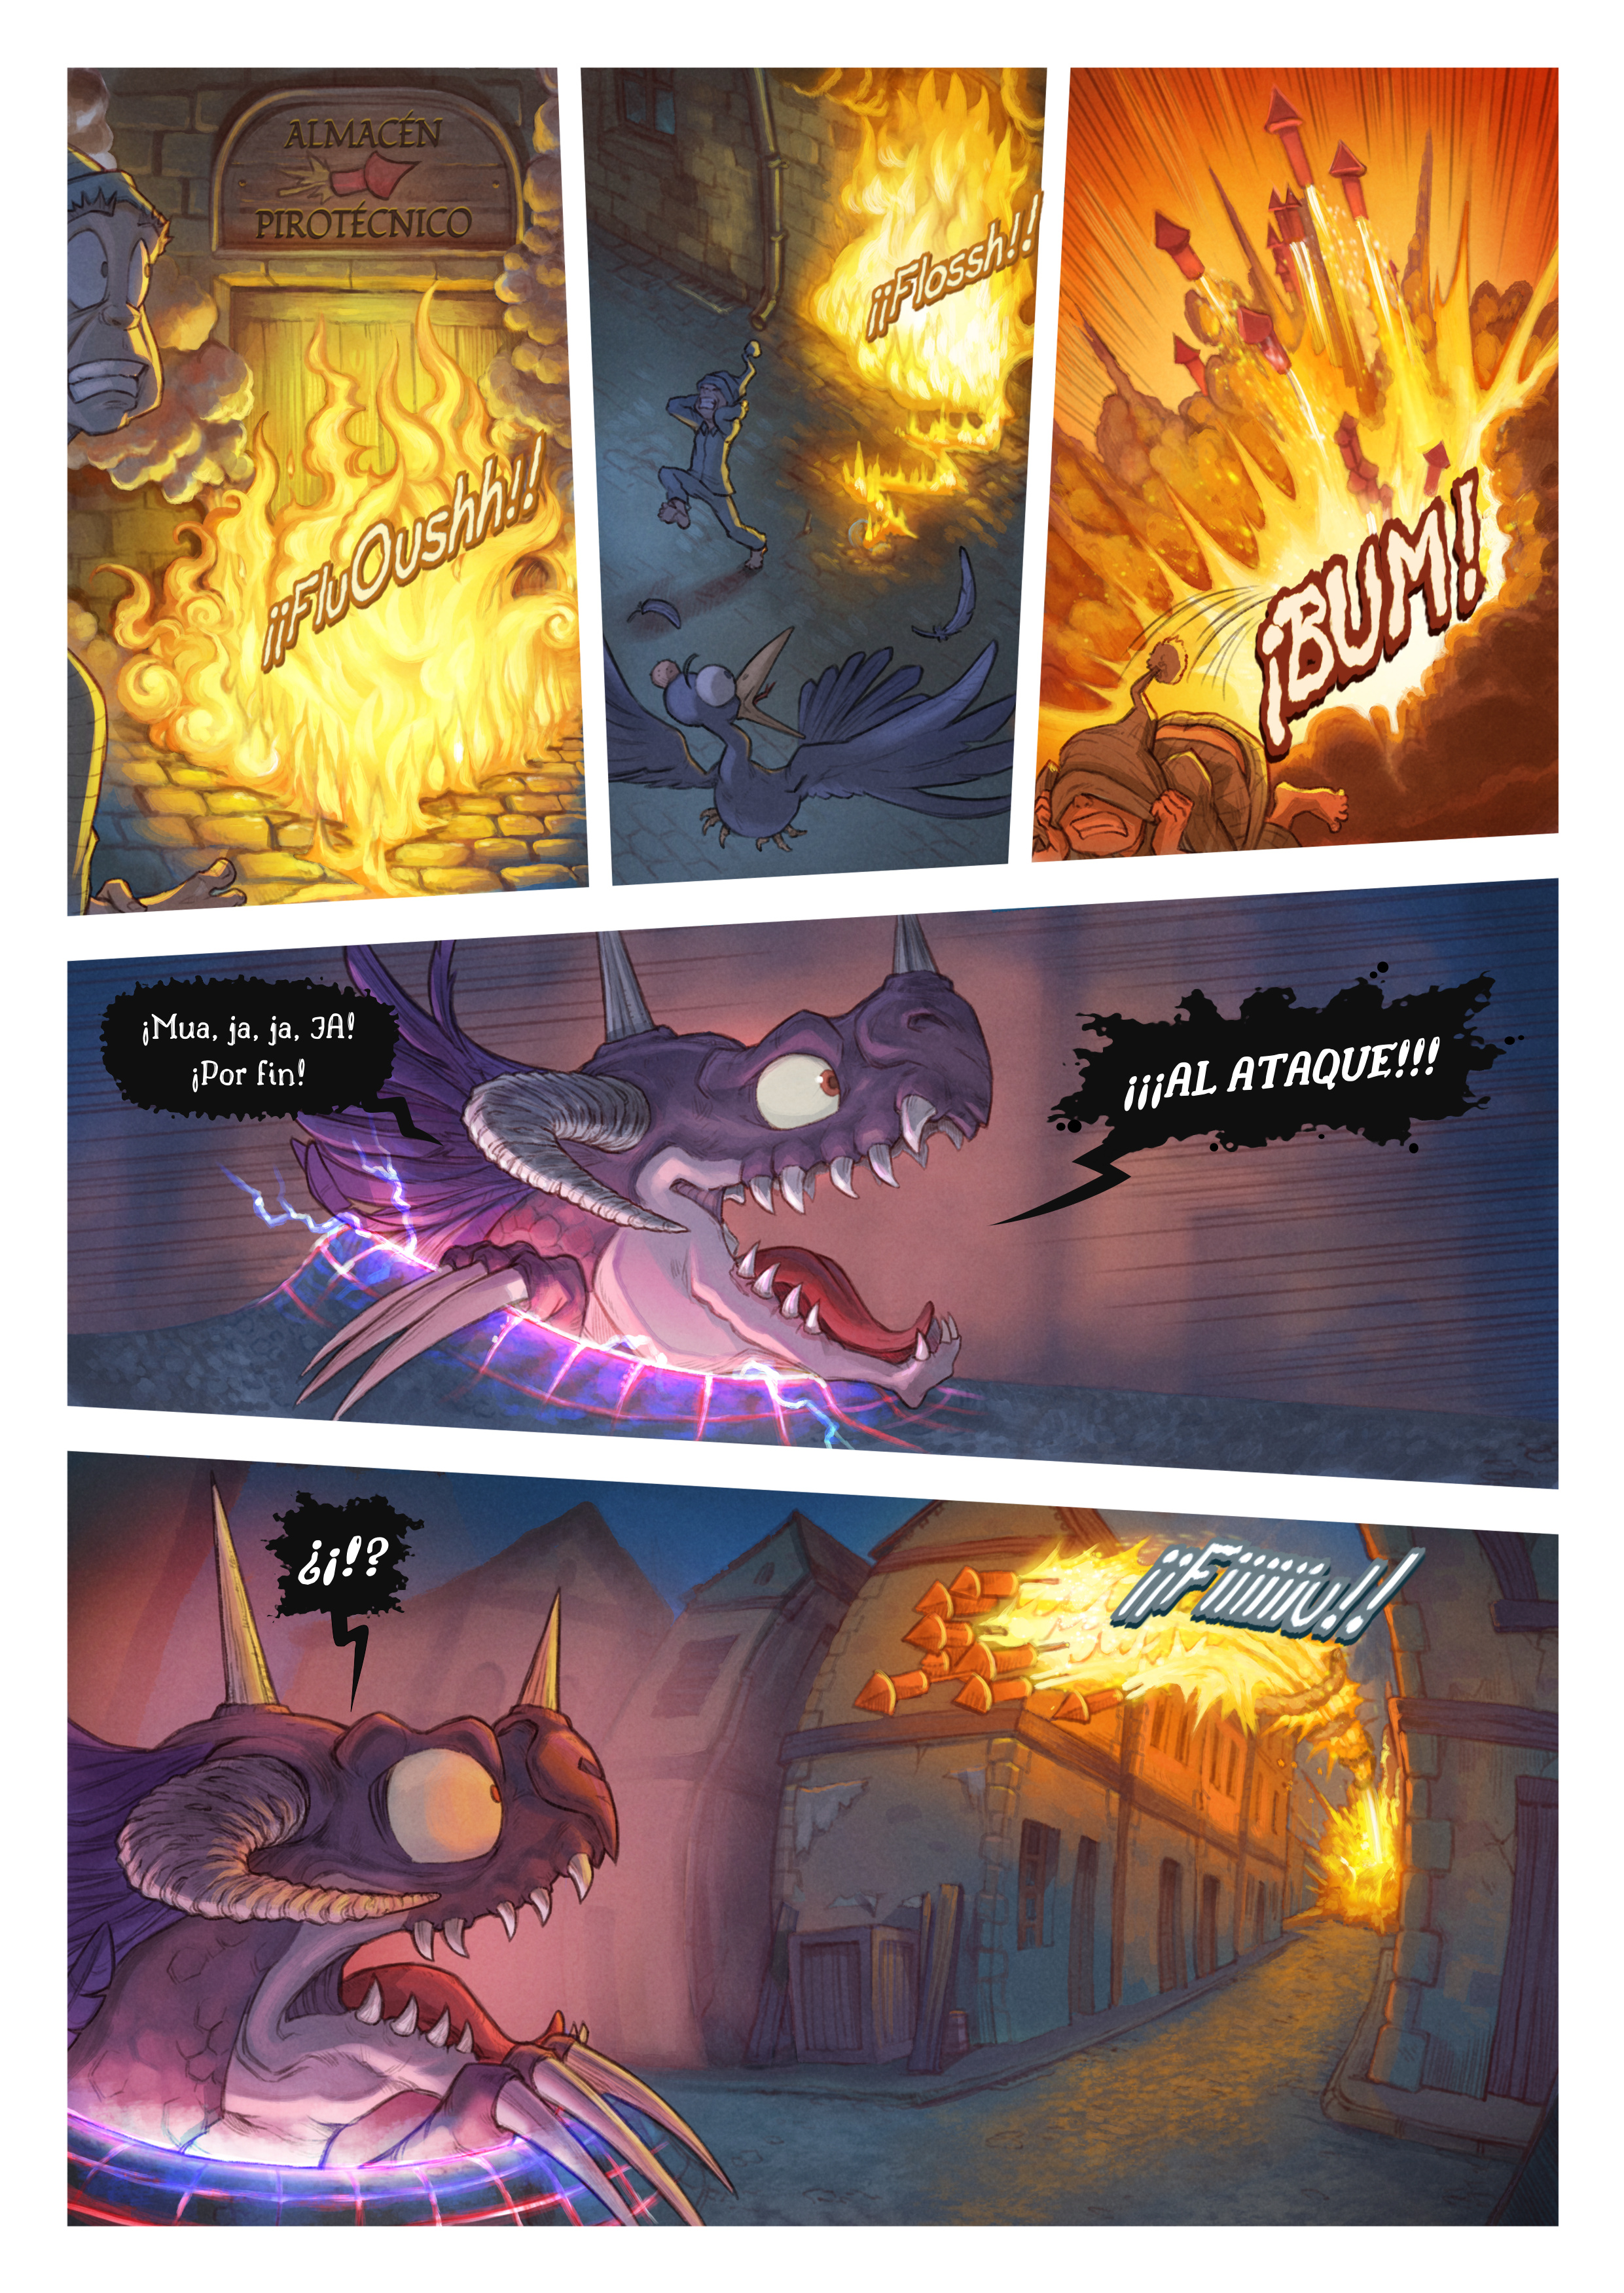 Episodio 29: Destructor de mundos, Page 6